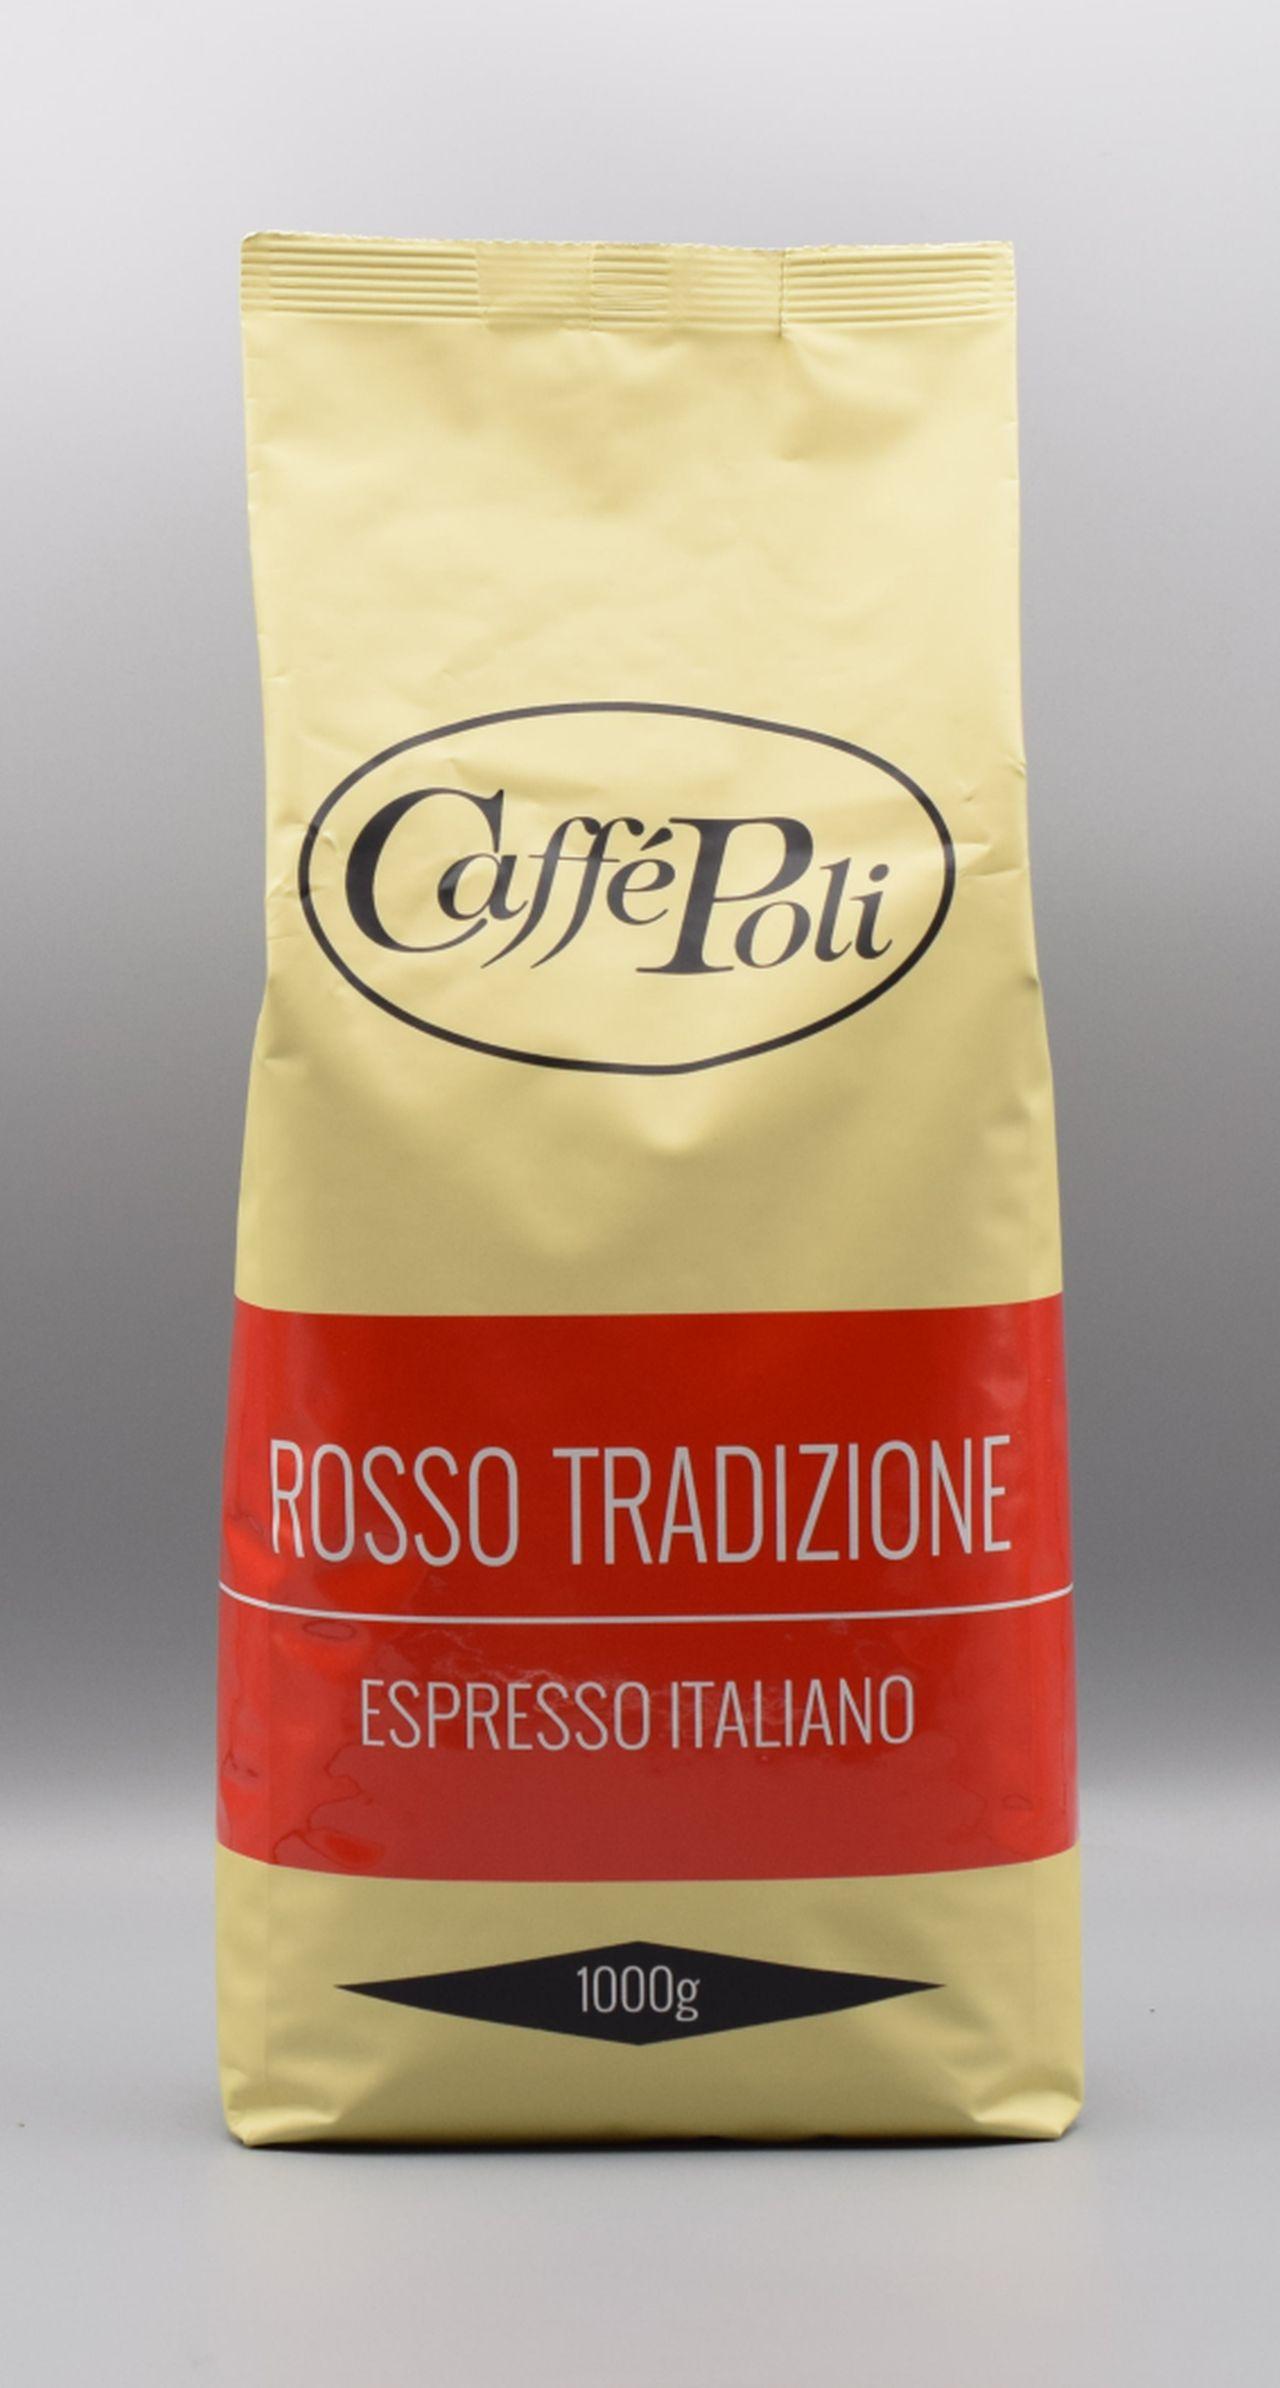 Caffe Poli Rosso Tradizione